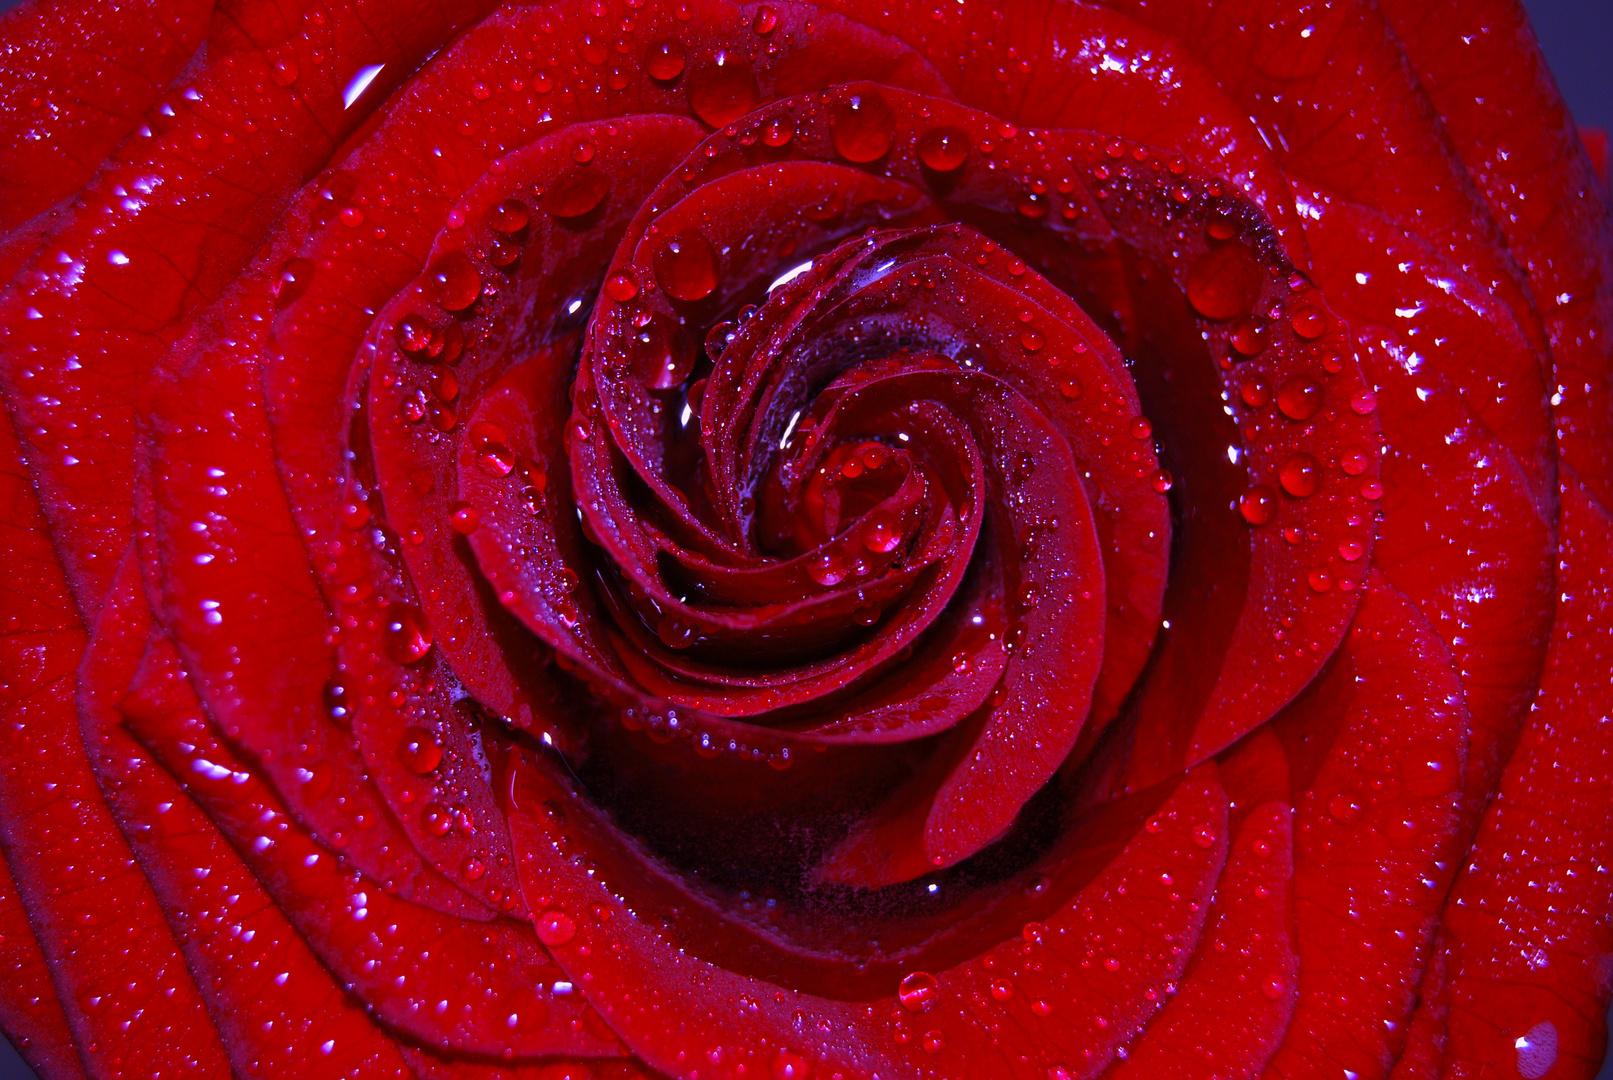 Die Rose im Morgentau